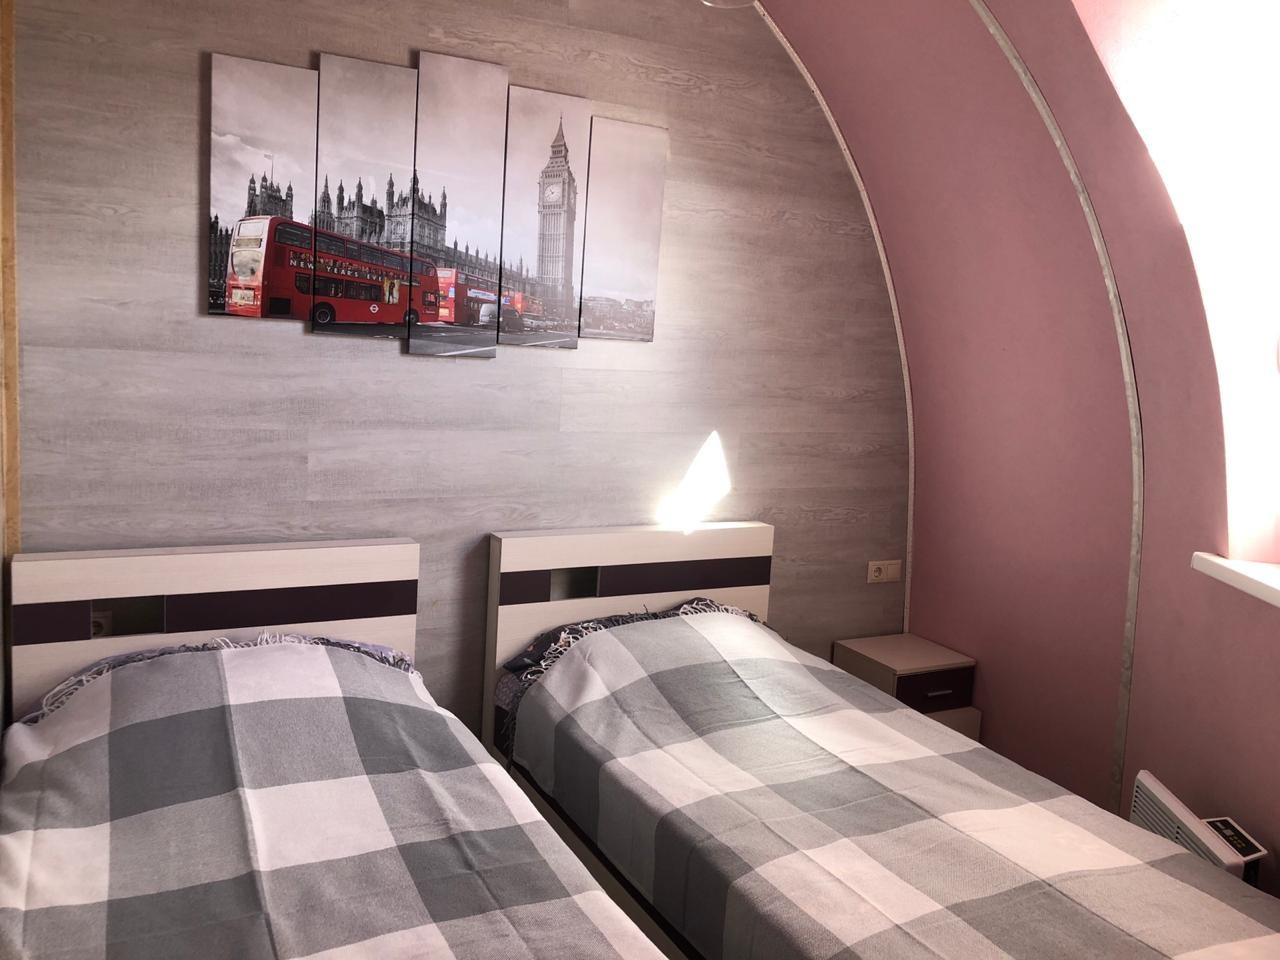 Комплекс отдыха Территория Активного Отдыха и Развлечений Московская область Бунгало с двумя спальнями, фото 1